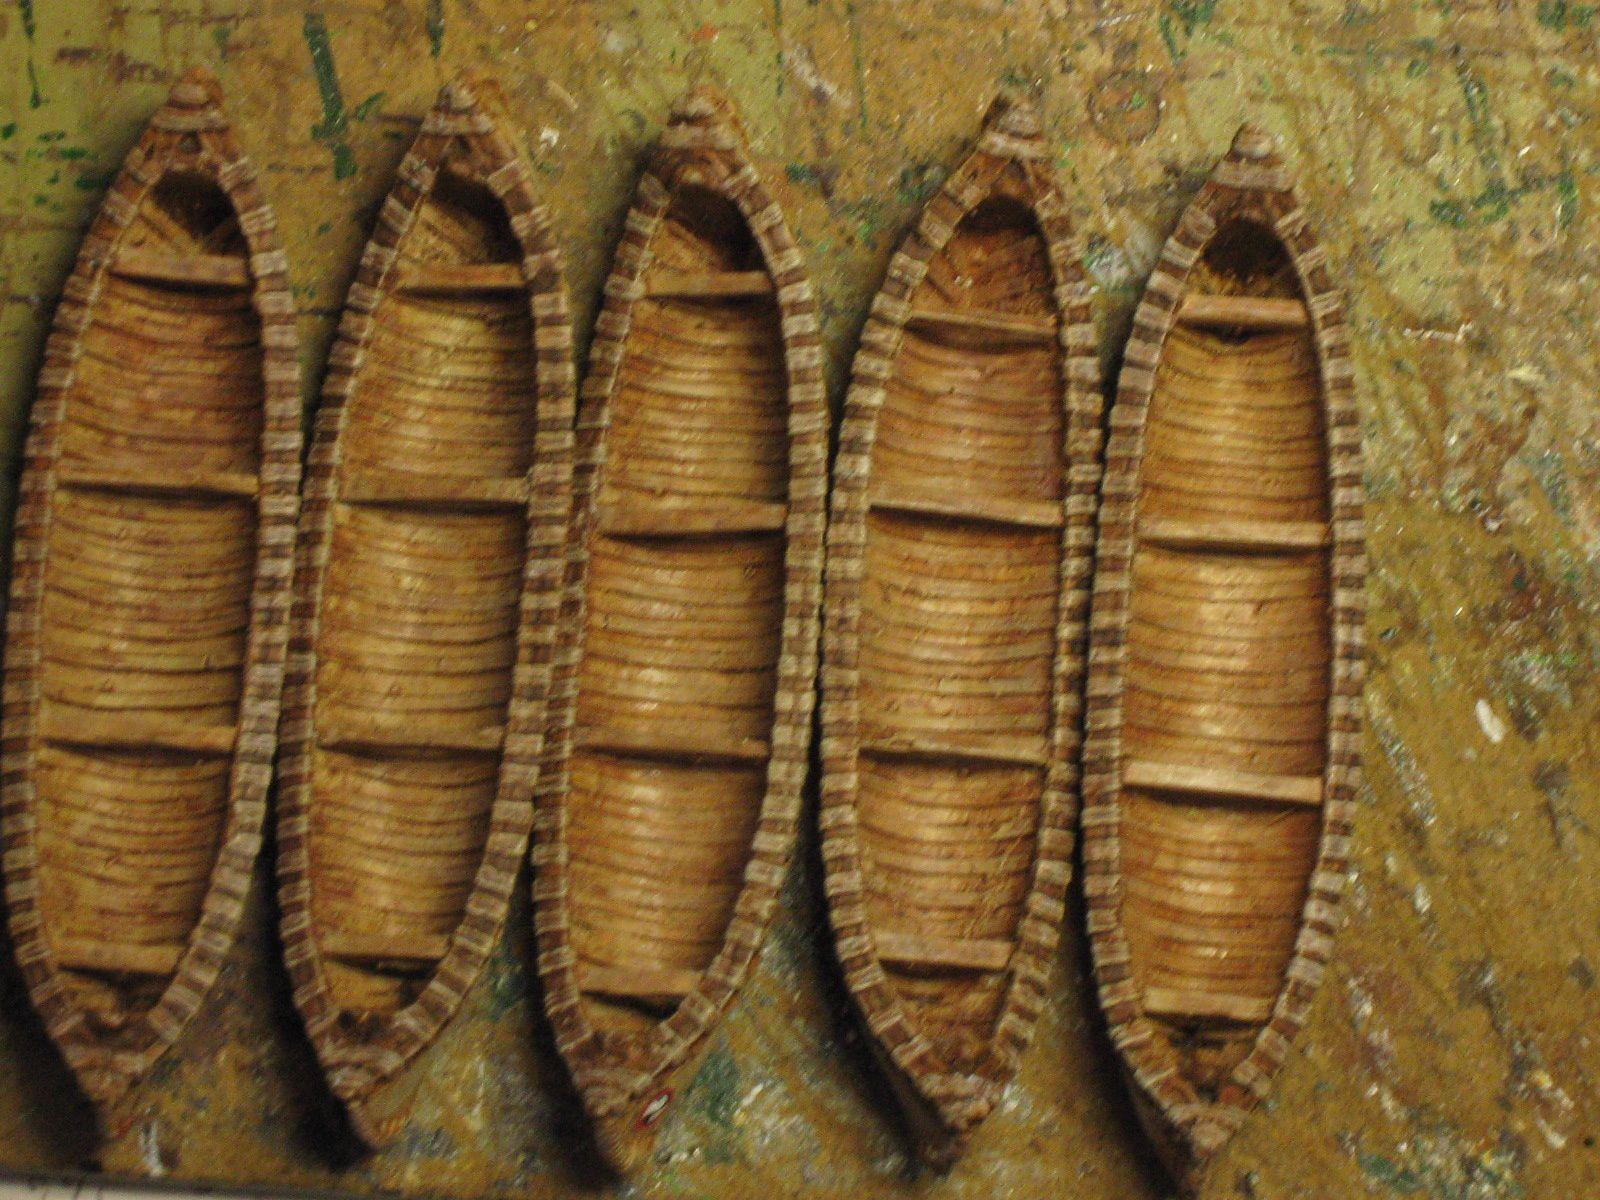 Certains fond de canoés sont plus foncés car en contact avec l'eau .